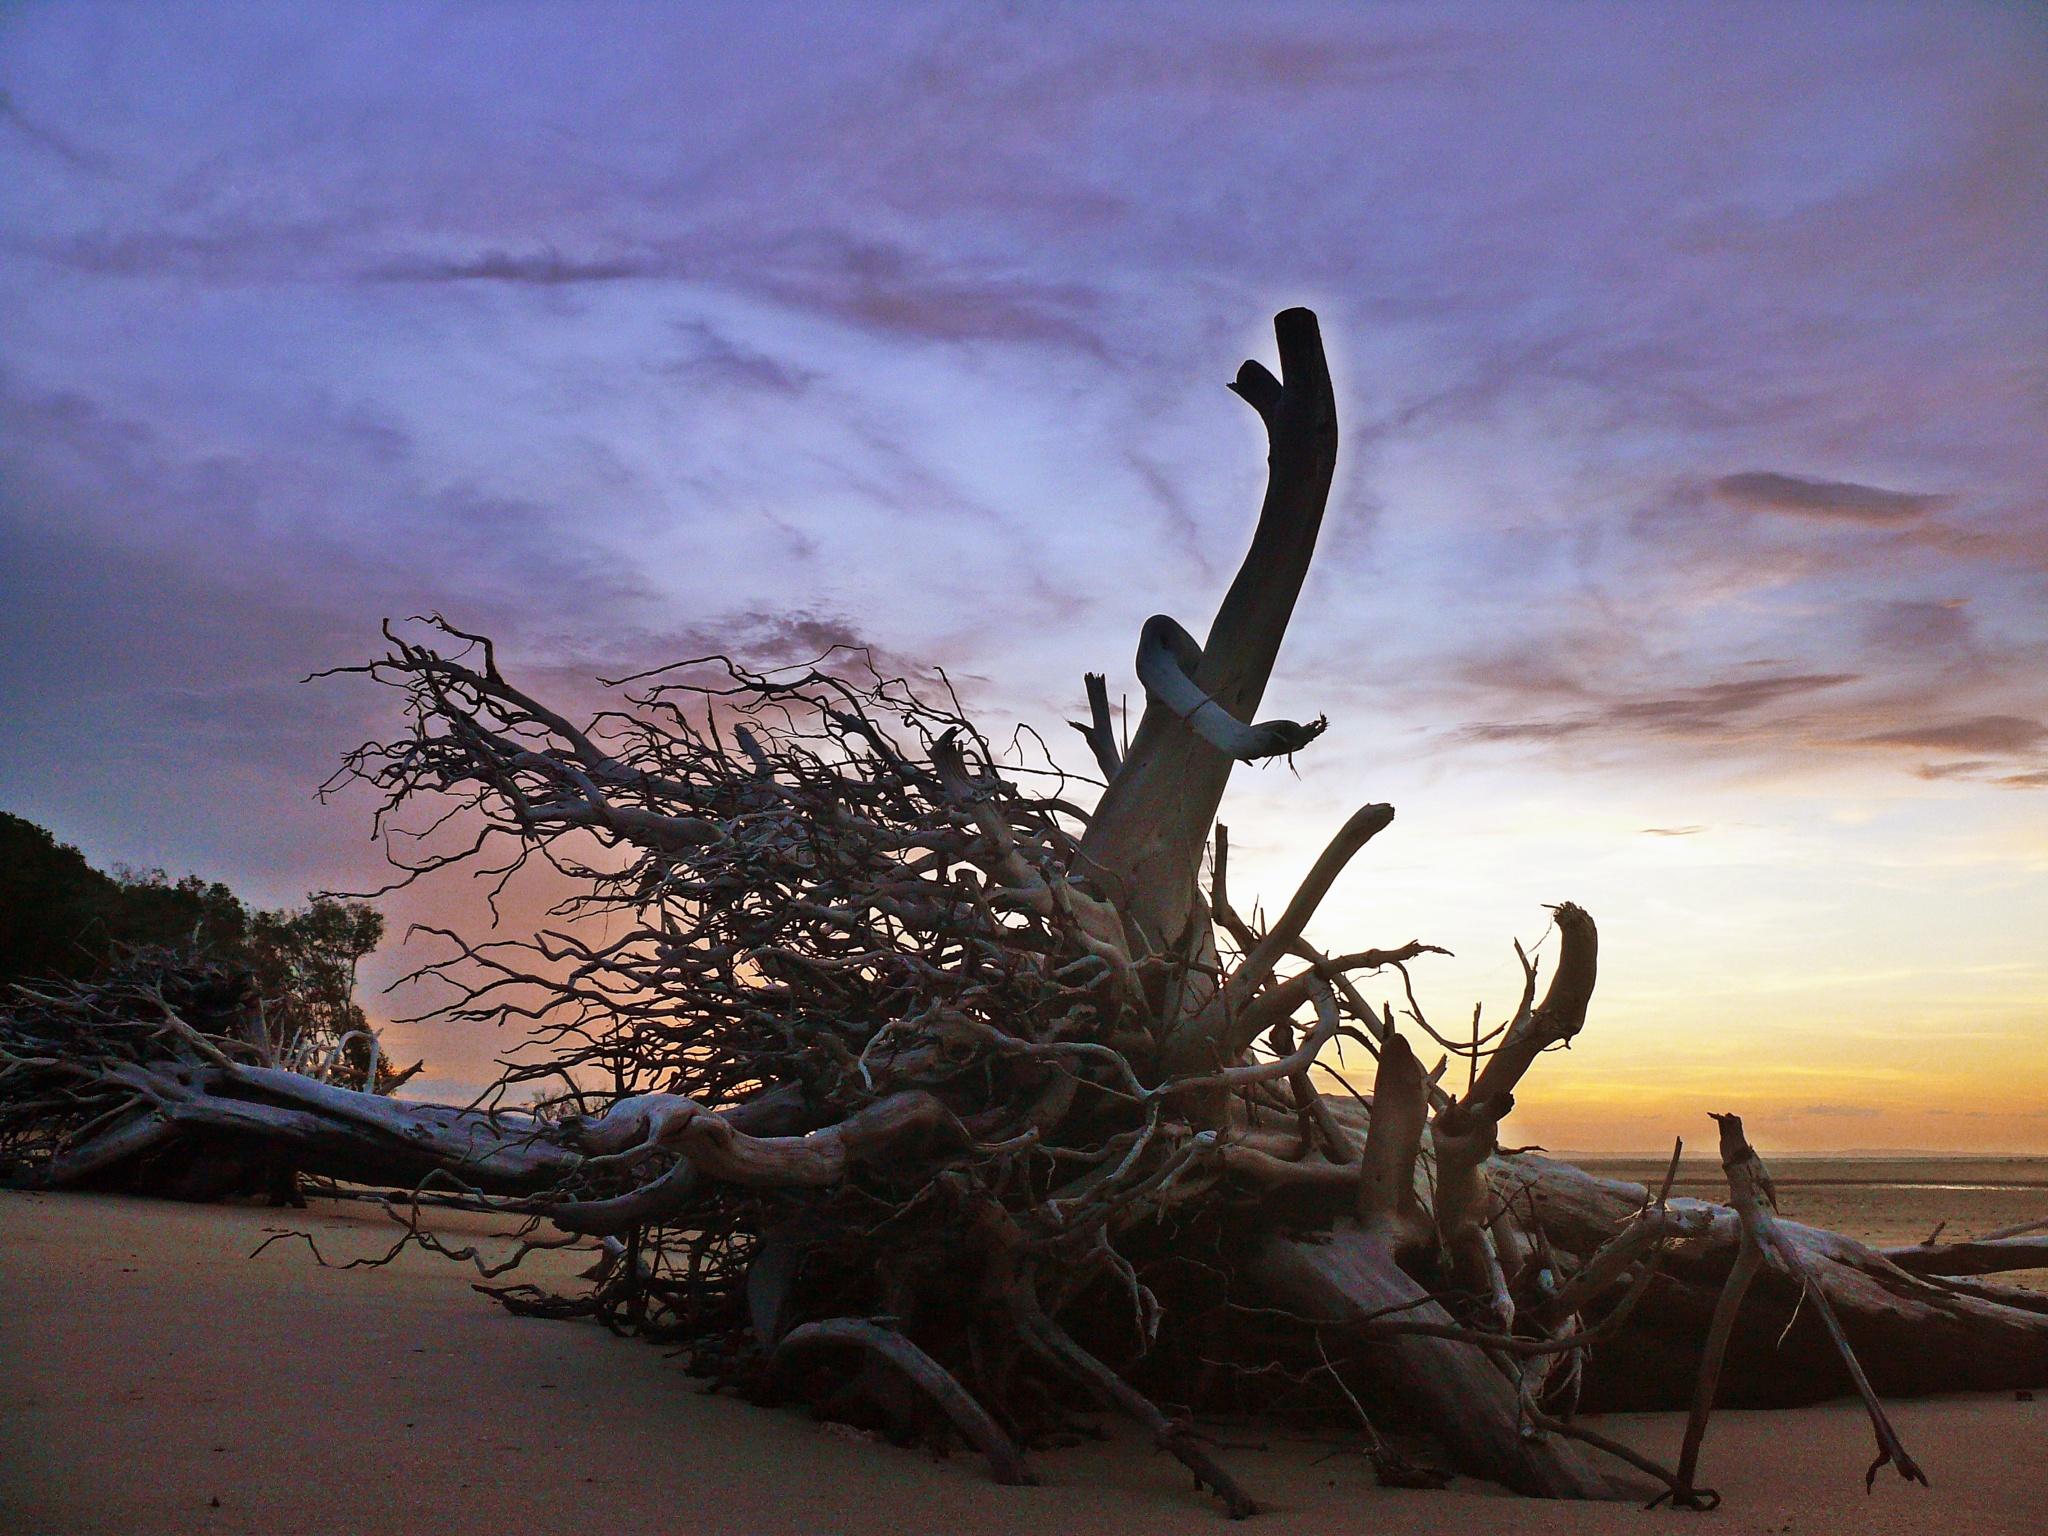 DEAD TREE  by EVA